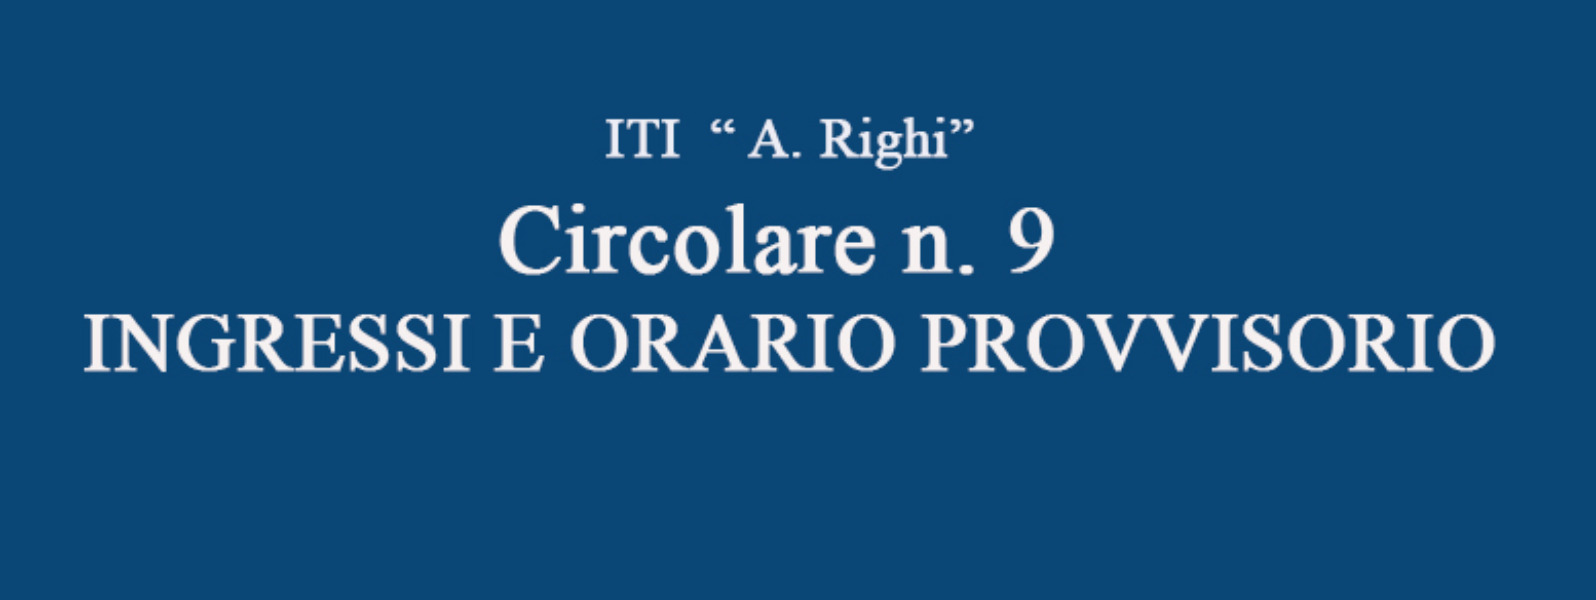 Circ N° 9 ingressi ed Orario Provvisorio Corso Diurno i in vigore dal 15 settembre 2021